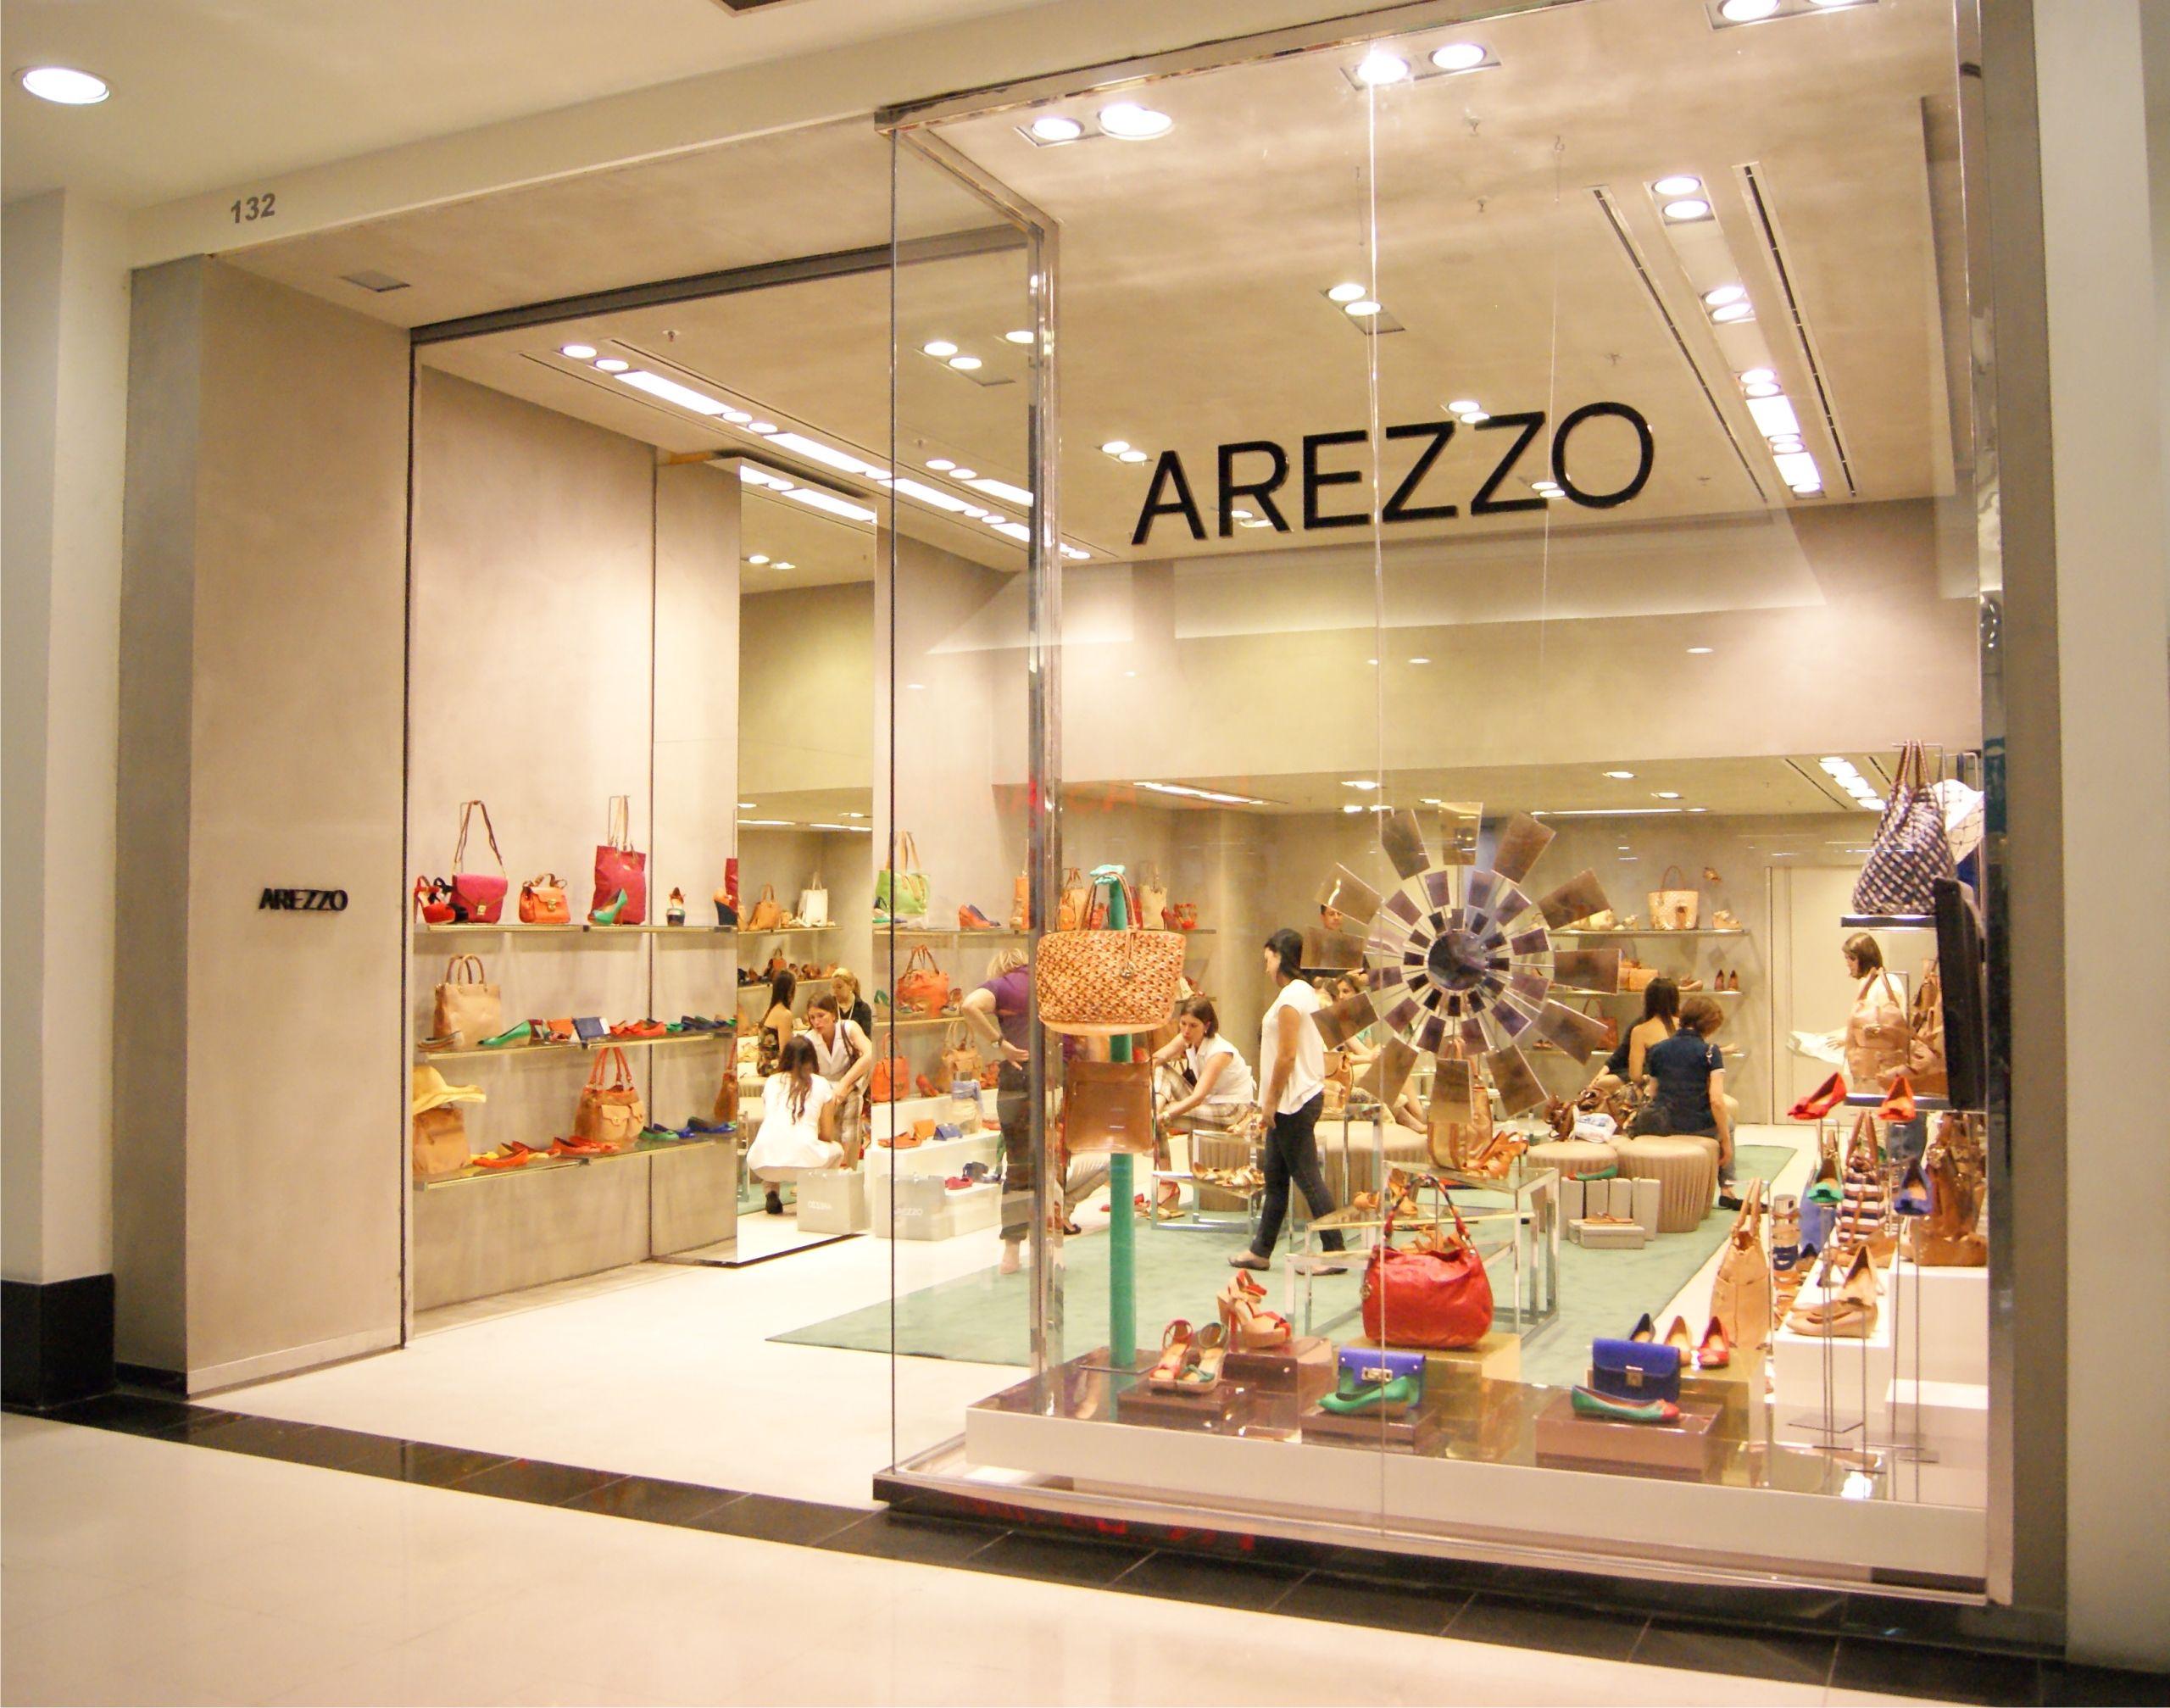 72fb4a187 O Sem Finesse foi convidado para o lançamento da nova loja Arezzo no  Shopping Curitiba e